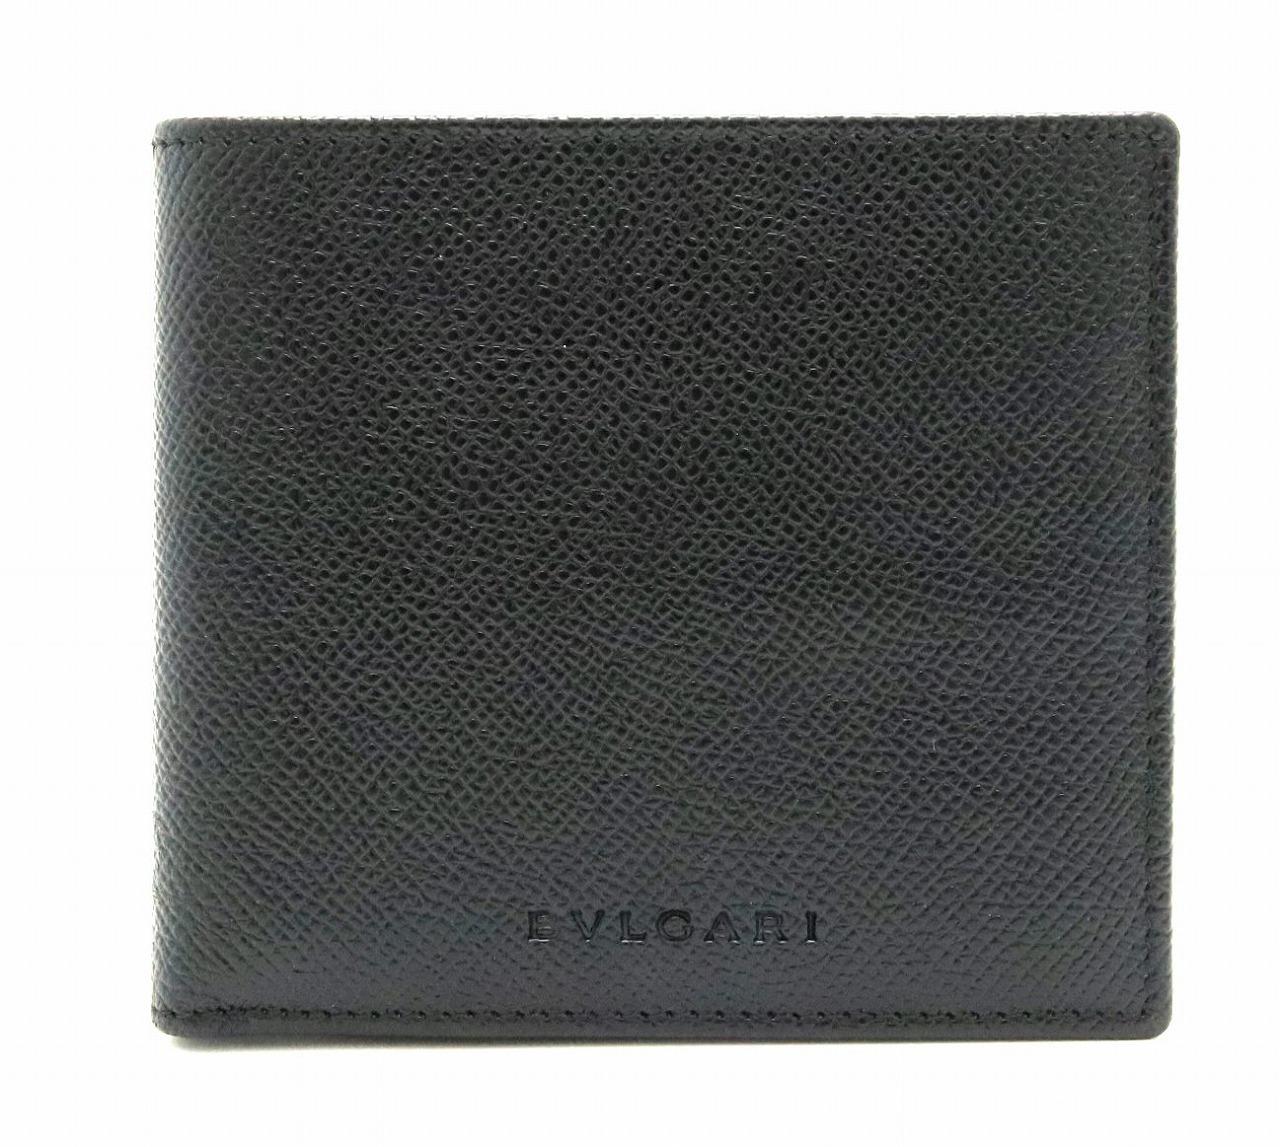 【未使用品】【財布】BVLGARI ブルガリ ロゴ レザー グレインレザー 2つ折 財布 ブラック 黒 【中古】【k】